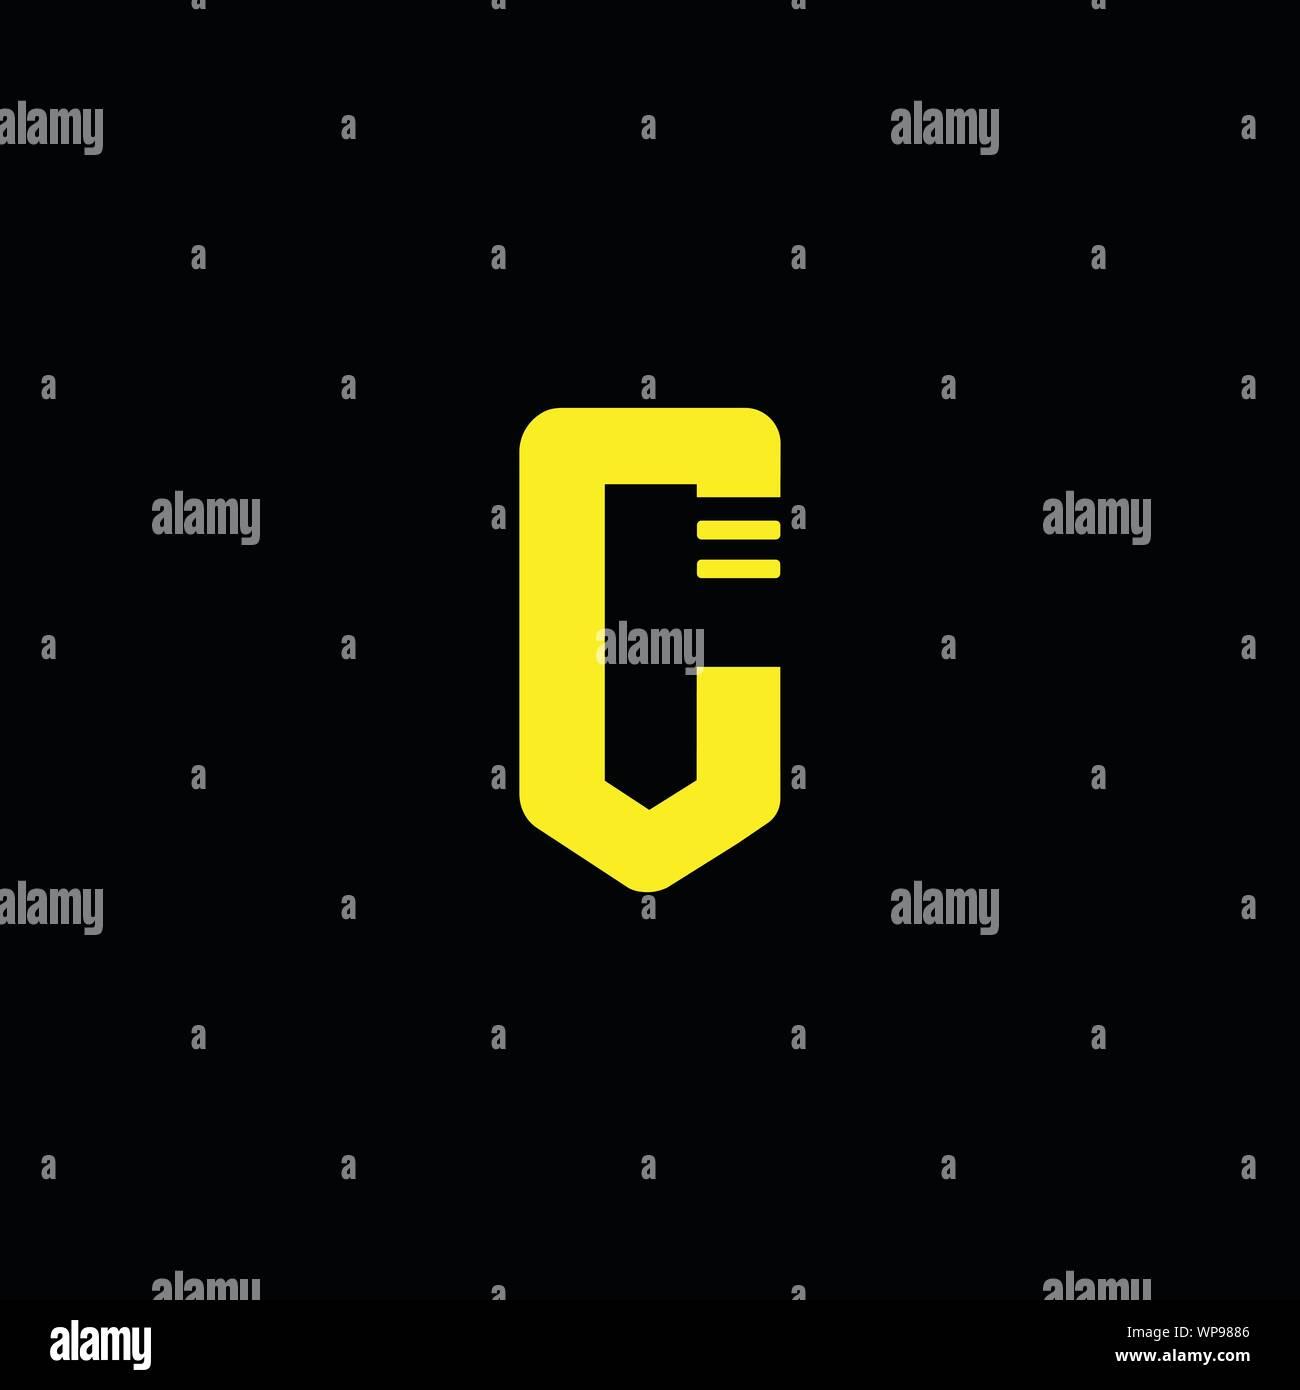 Creative Innovative Initial Letter Logo Cc C Minimal Luxury Monogram Professional Initial Design Premium Business Typeface Alphabet Symbol Stock Vector Image Art Alamy